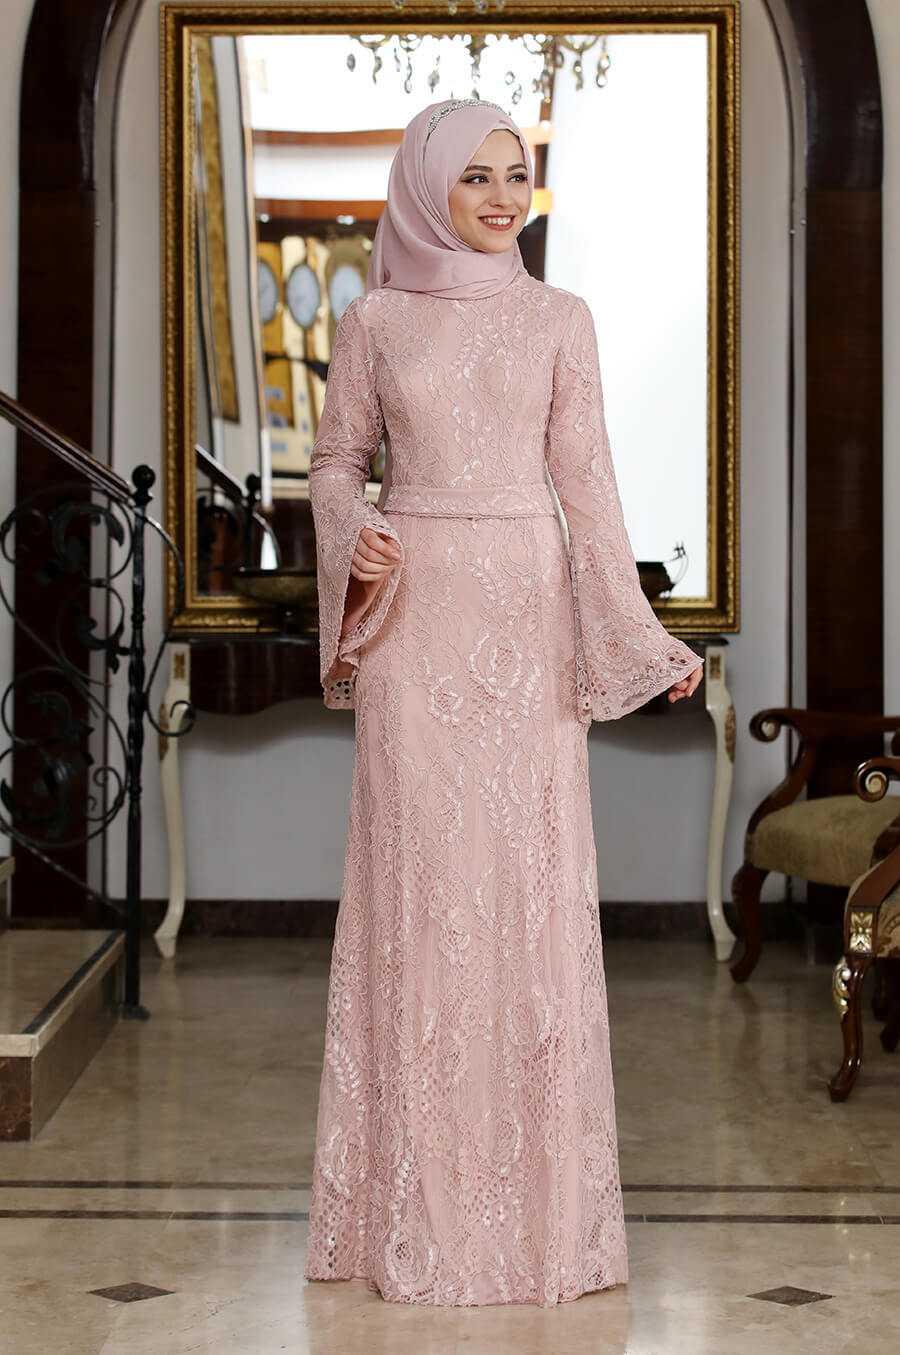 Al Marah Tesettür Dantel Abiye Elbise Modelleri